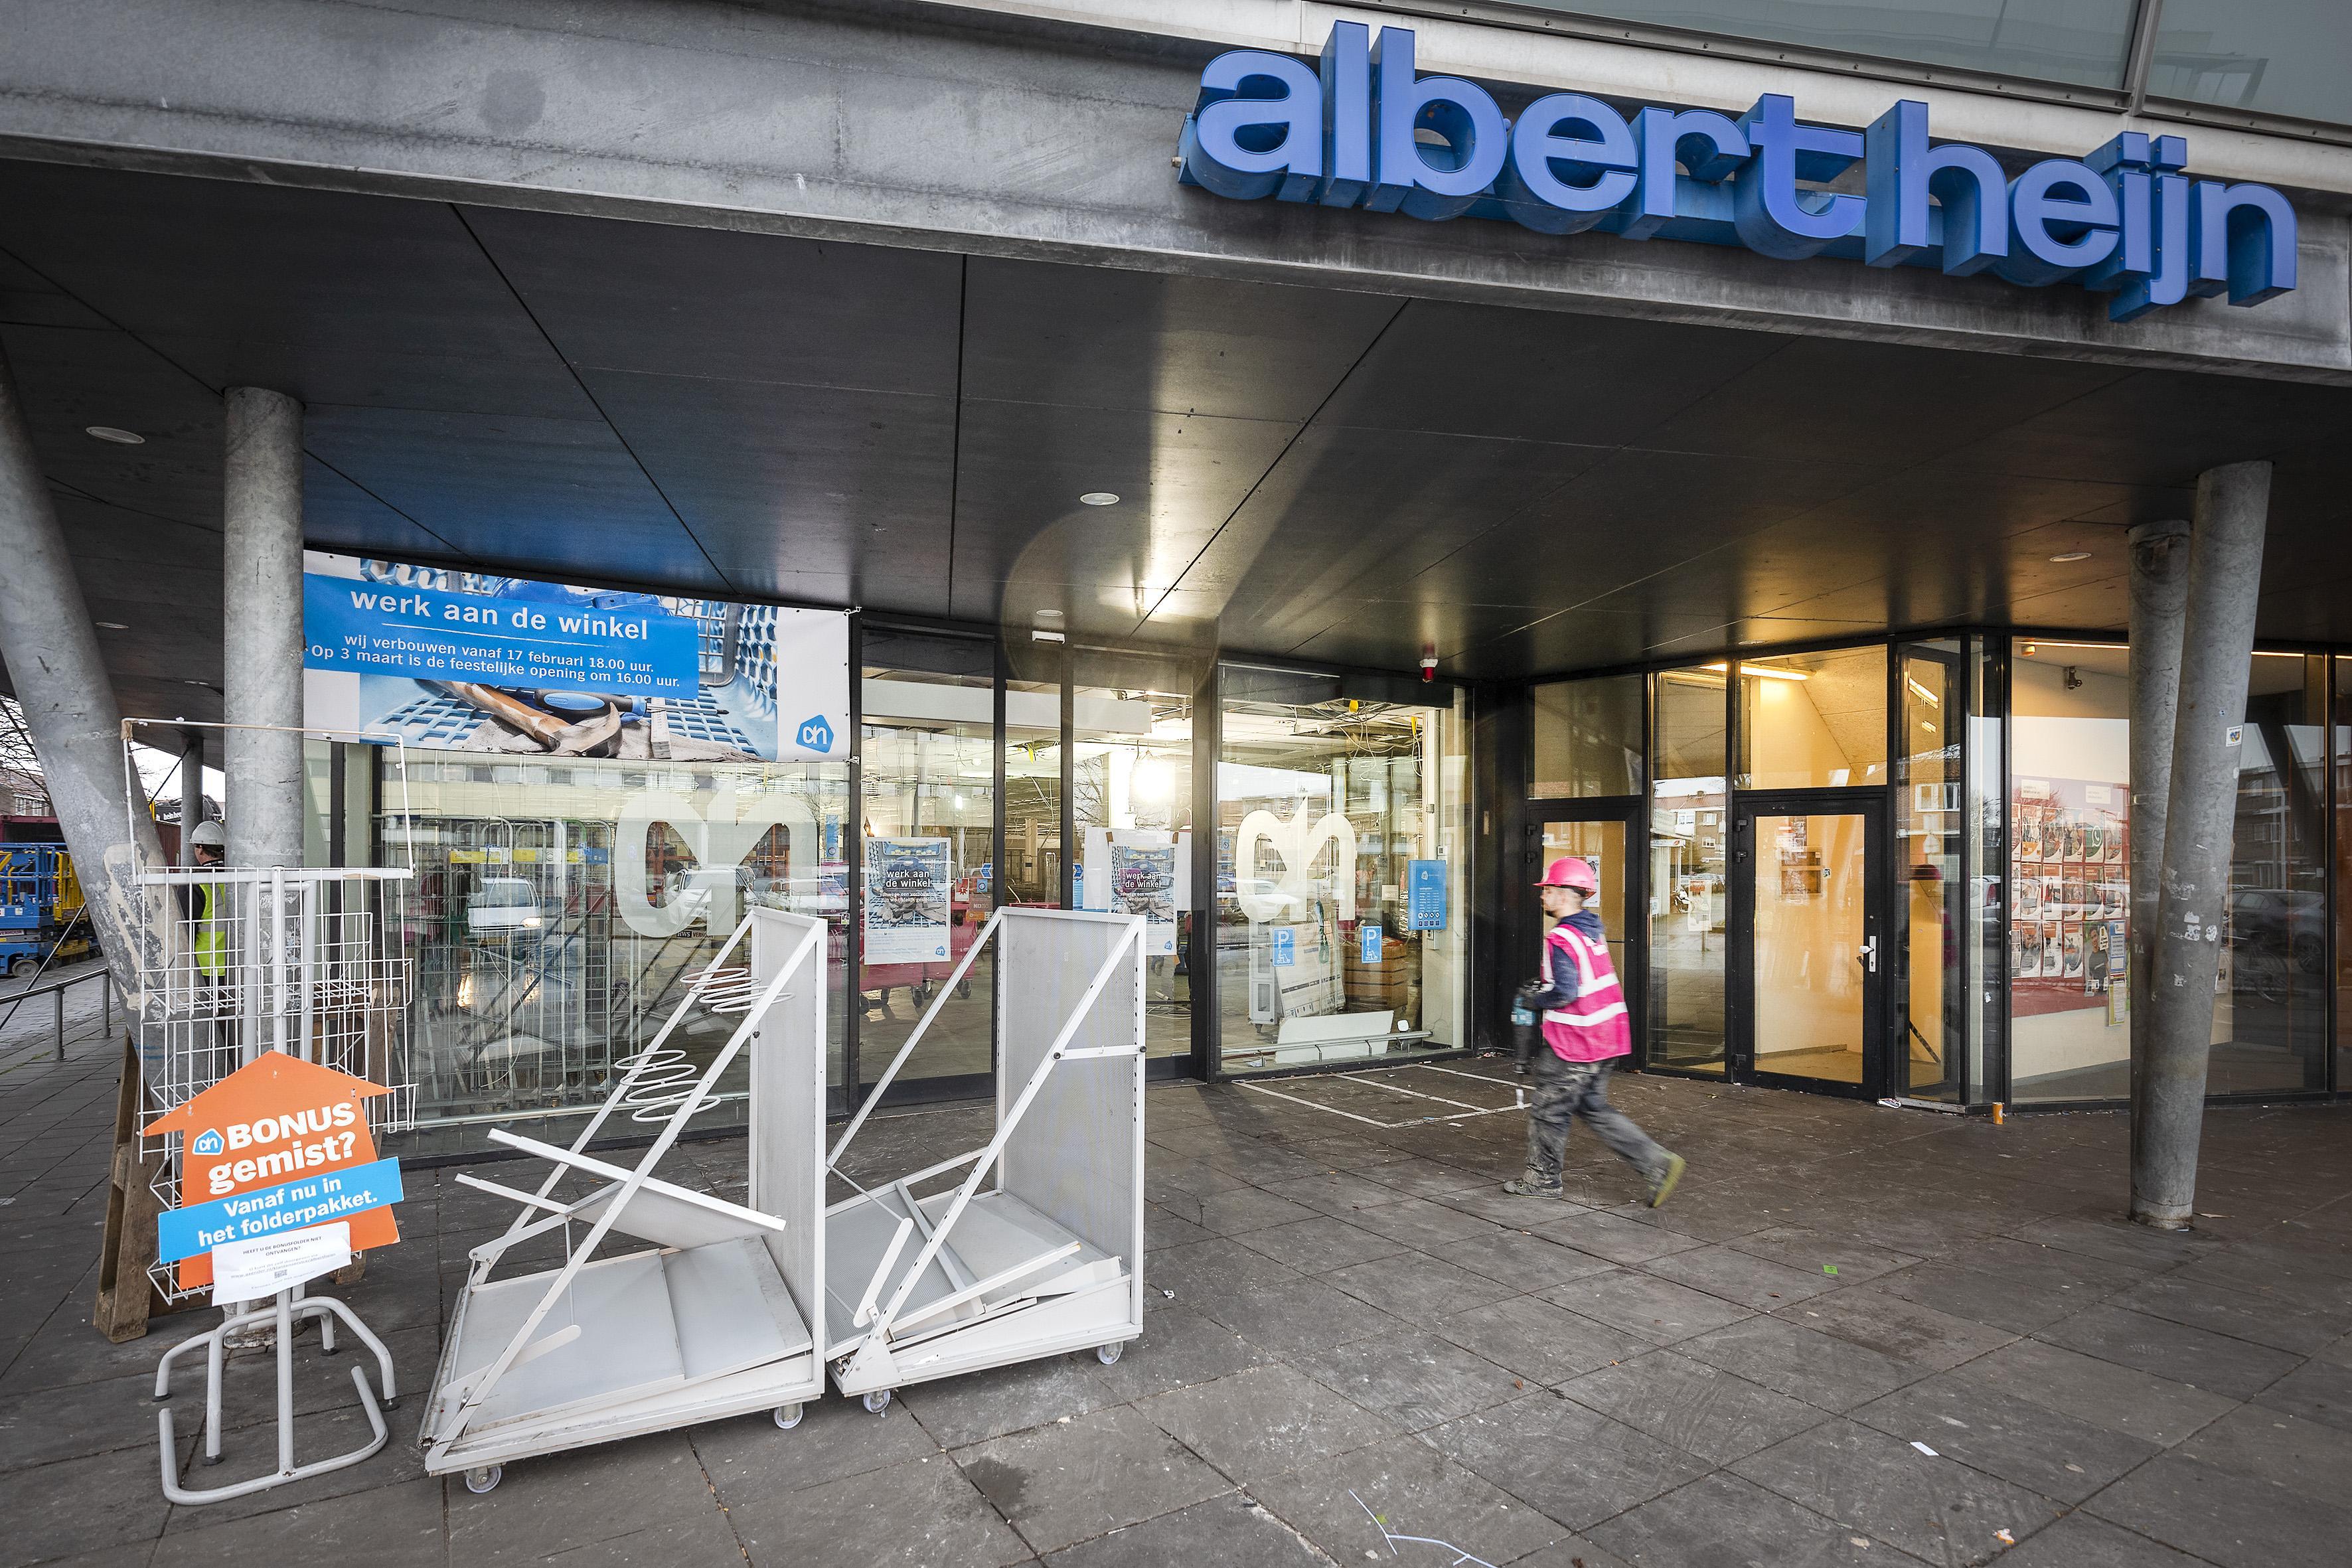 Metamorfose voor Albert Heijn aan Dudokplein in IJmuiden. Na verbouwing veel meer producten en zelfscankassa's